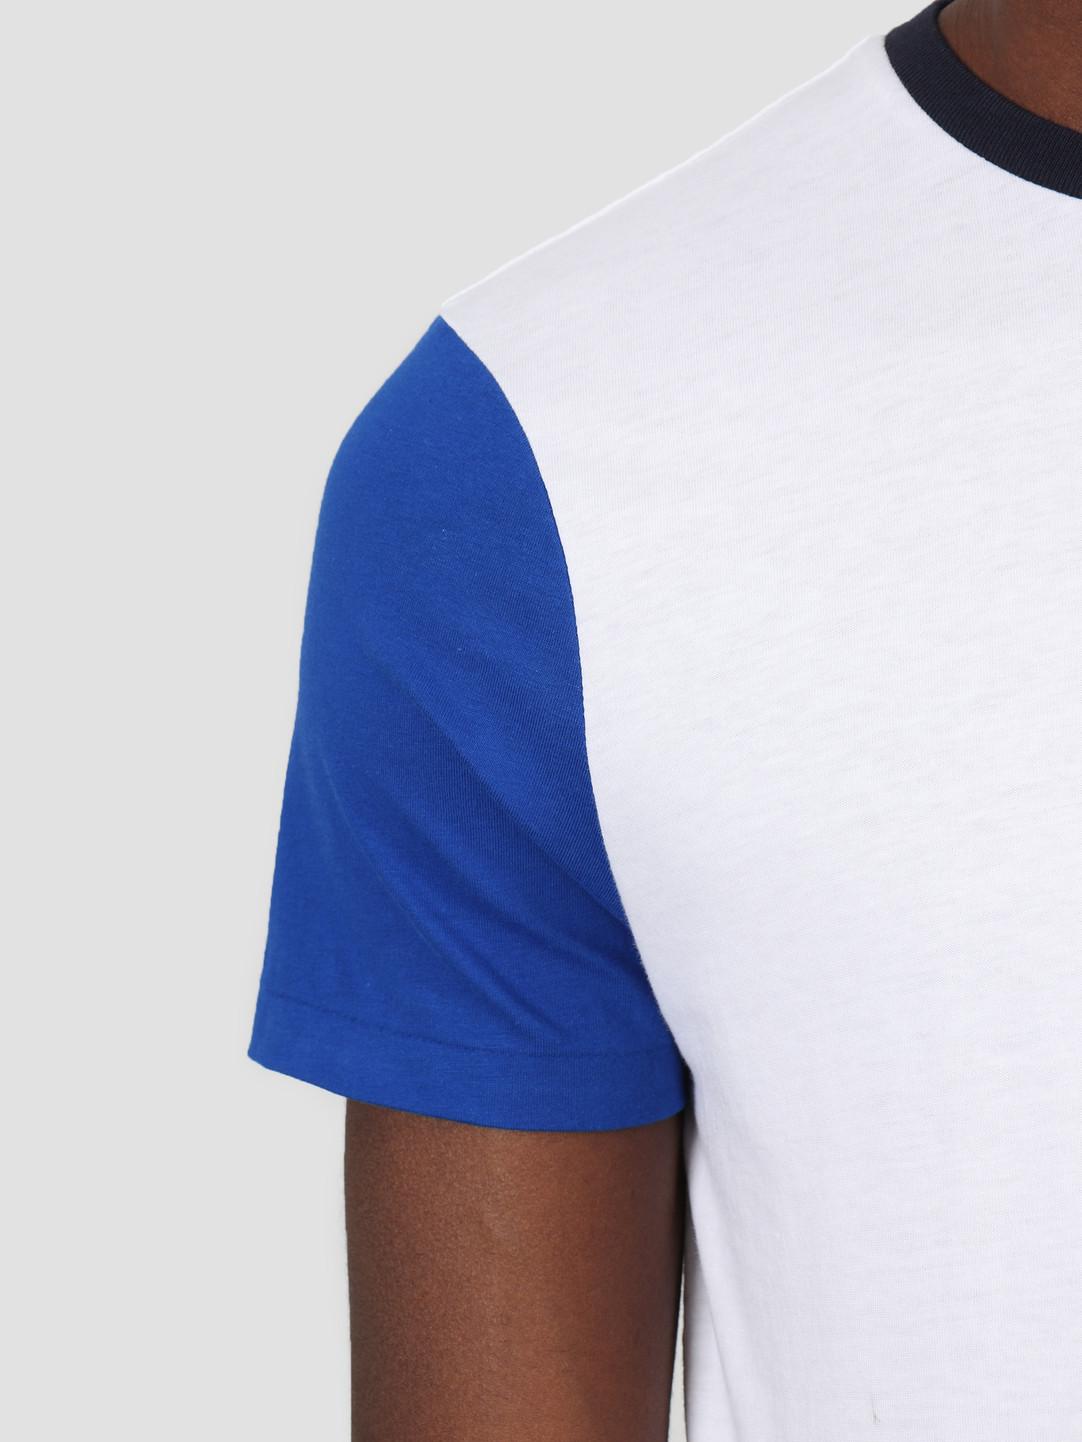 Polo Ralph Lauren Polo Ralph Lauren 26 1 Jersey T-Shirt White Multi 710740887003